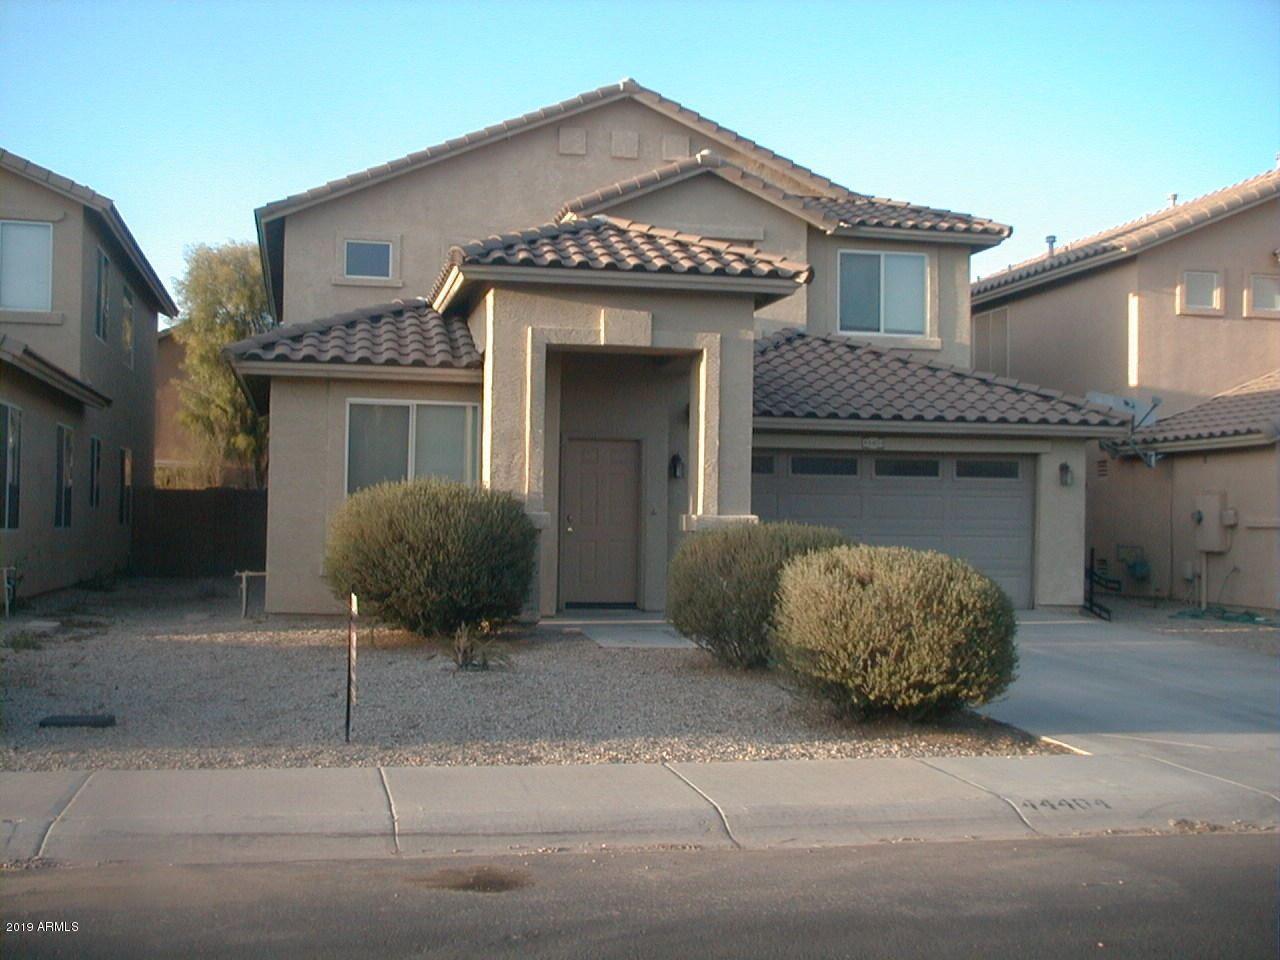 44404 W MCCLELLAND Drive, Maricopa, AZ 85138 - MLS#: 6232363